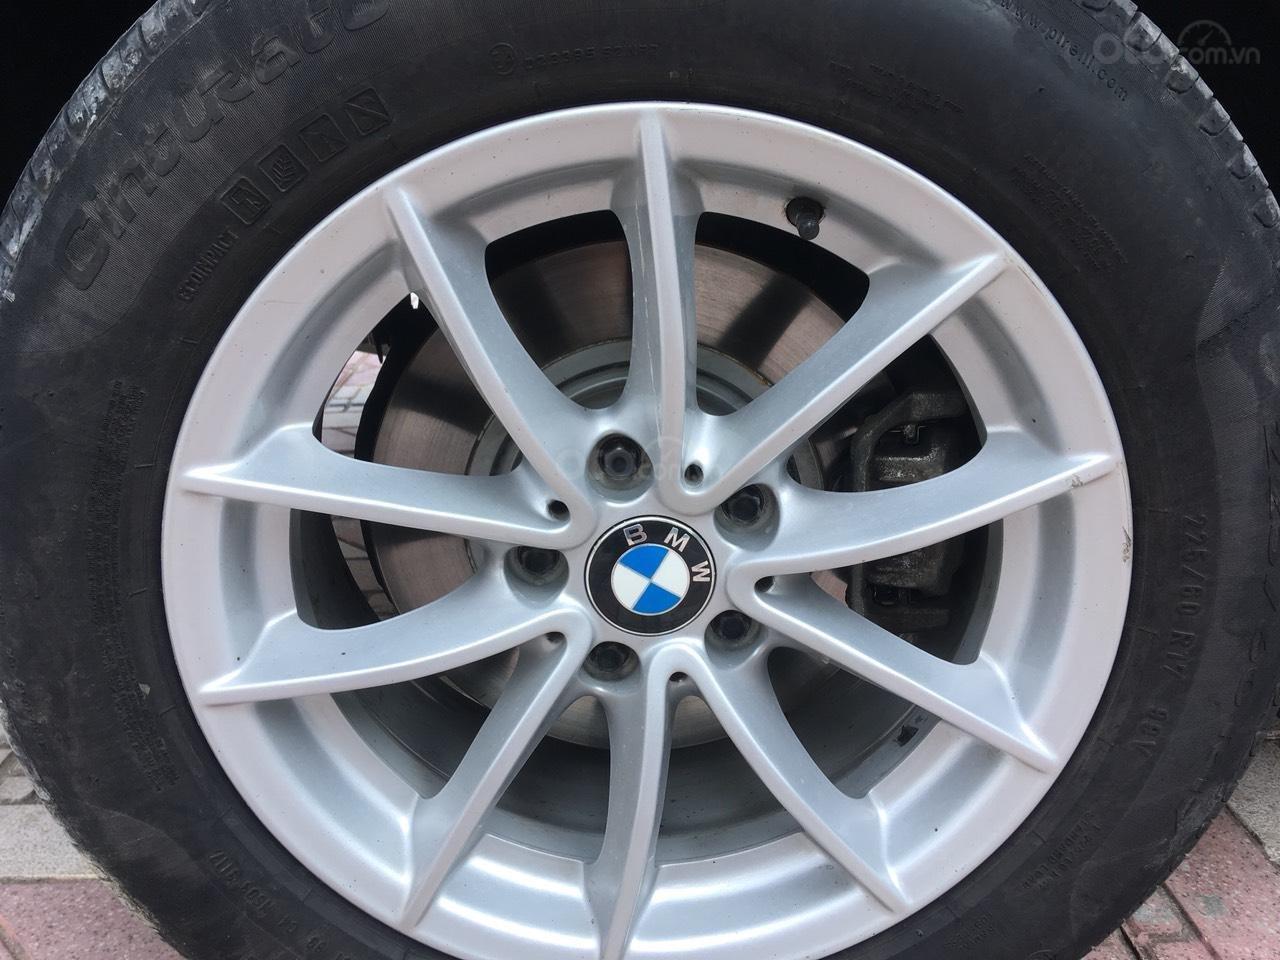 BMW X3 model 2015, máy dầu hàng độc (13)